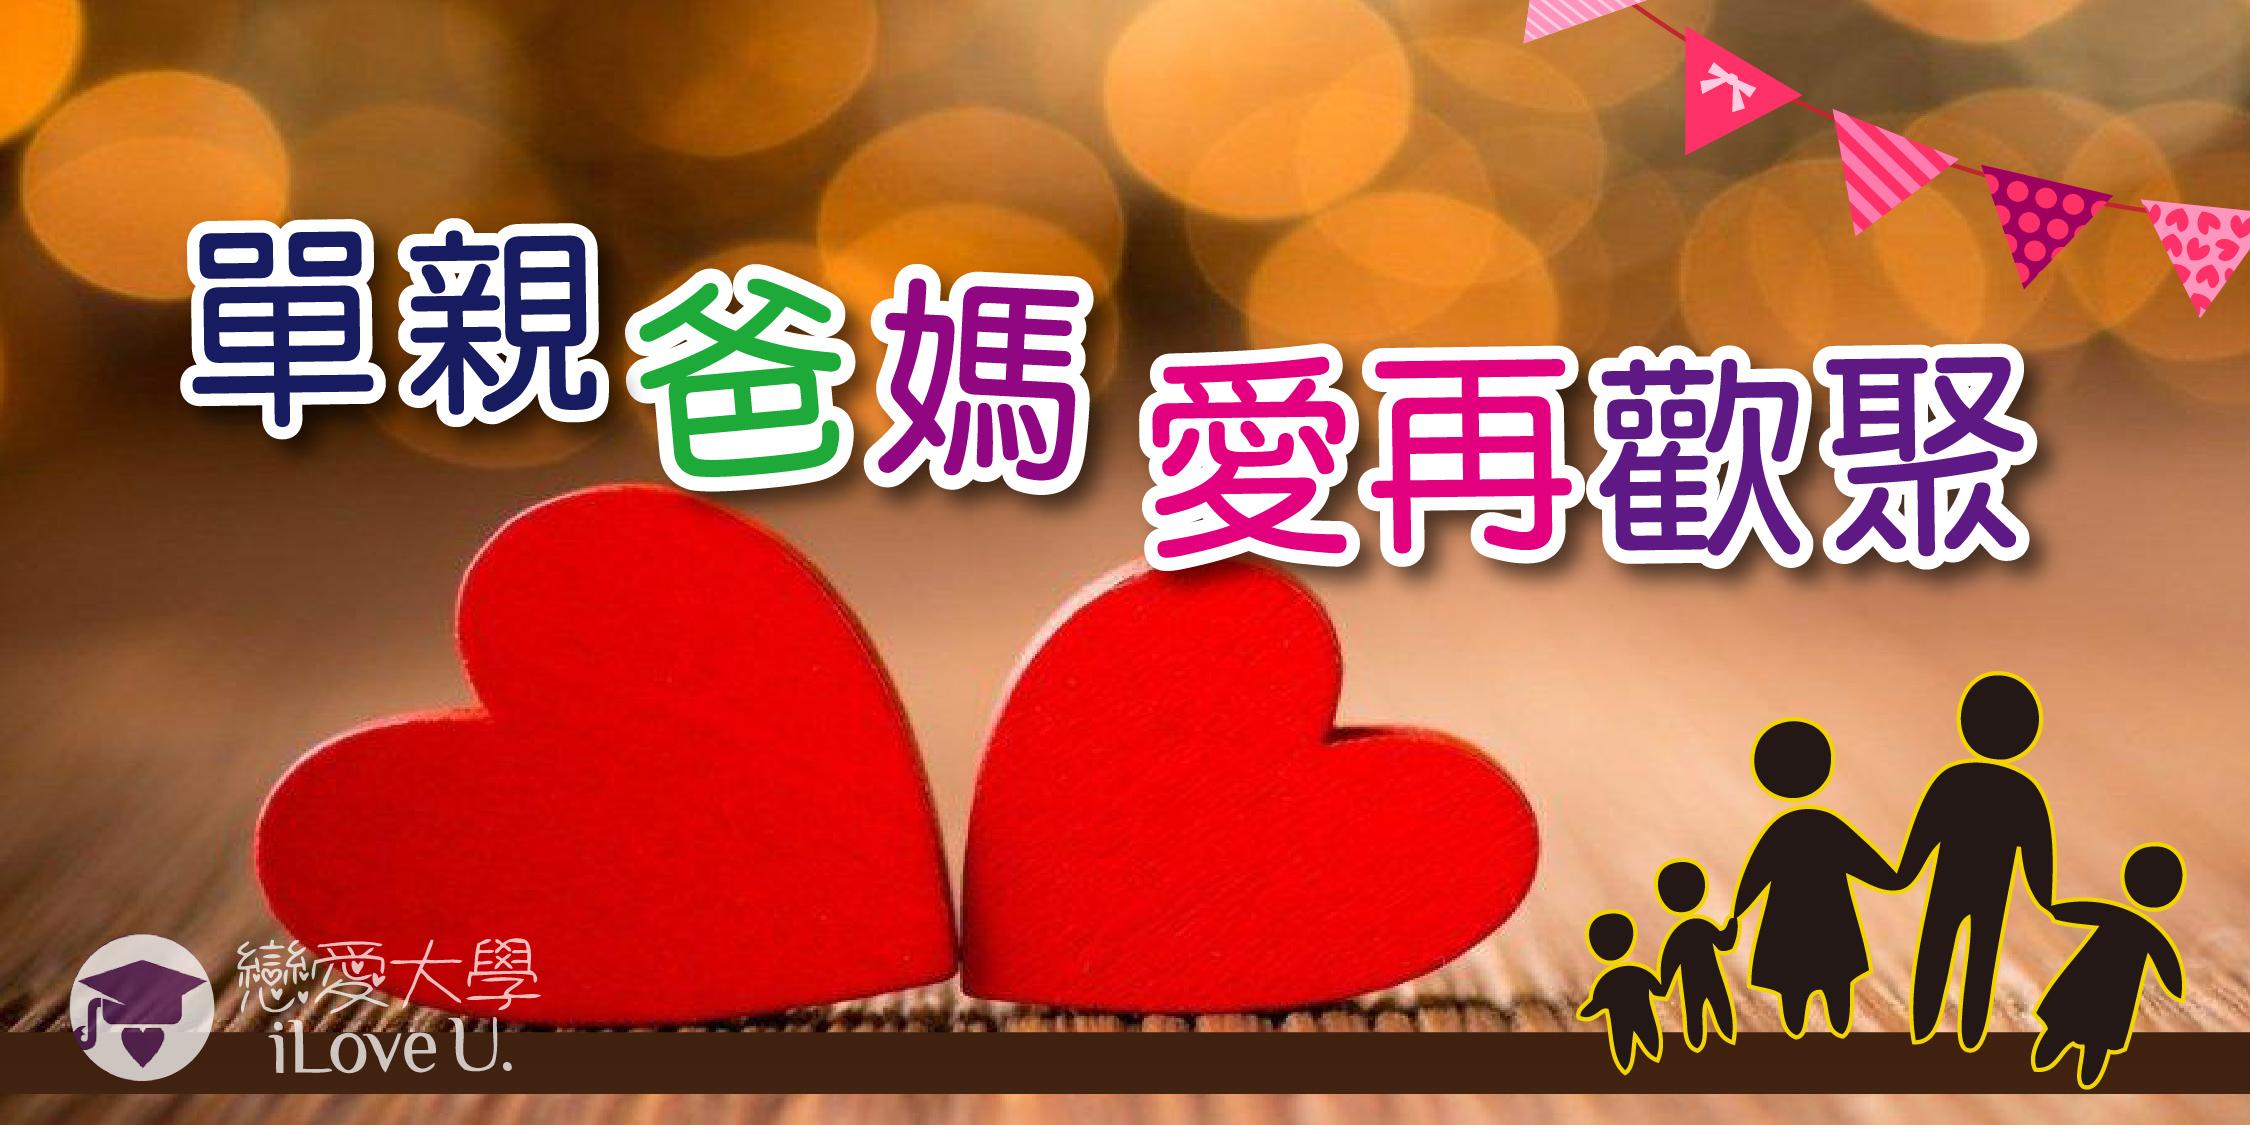 戀愛大學7/23(日)【單親爸媽-愛再歡聚】